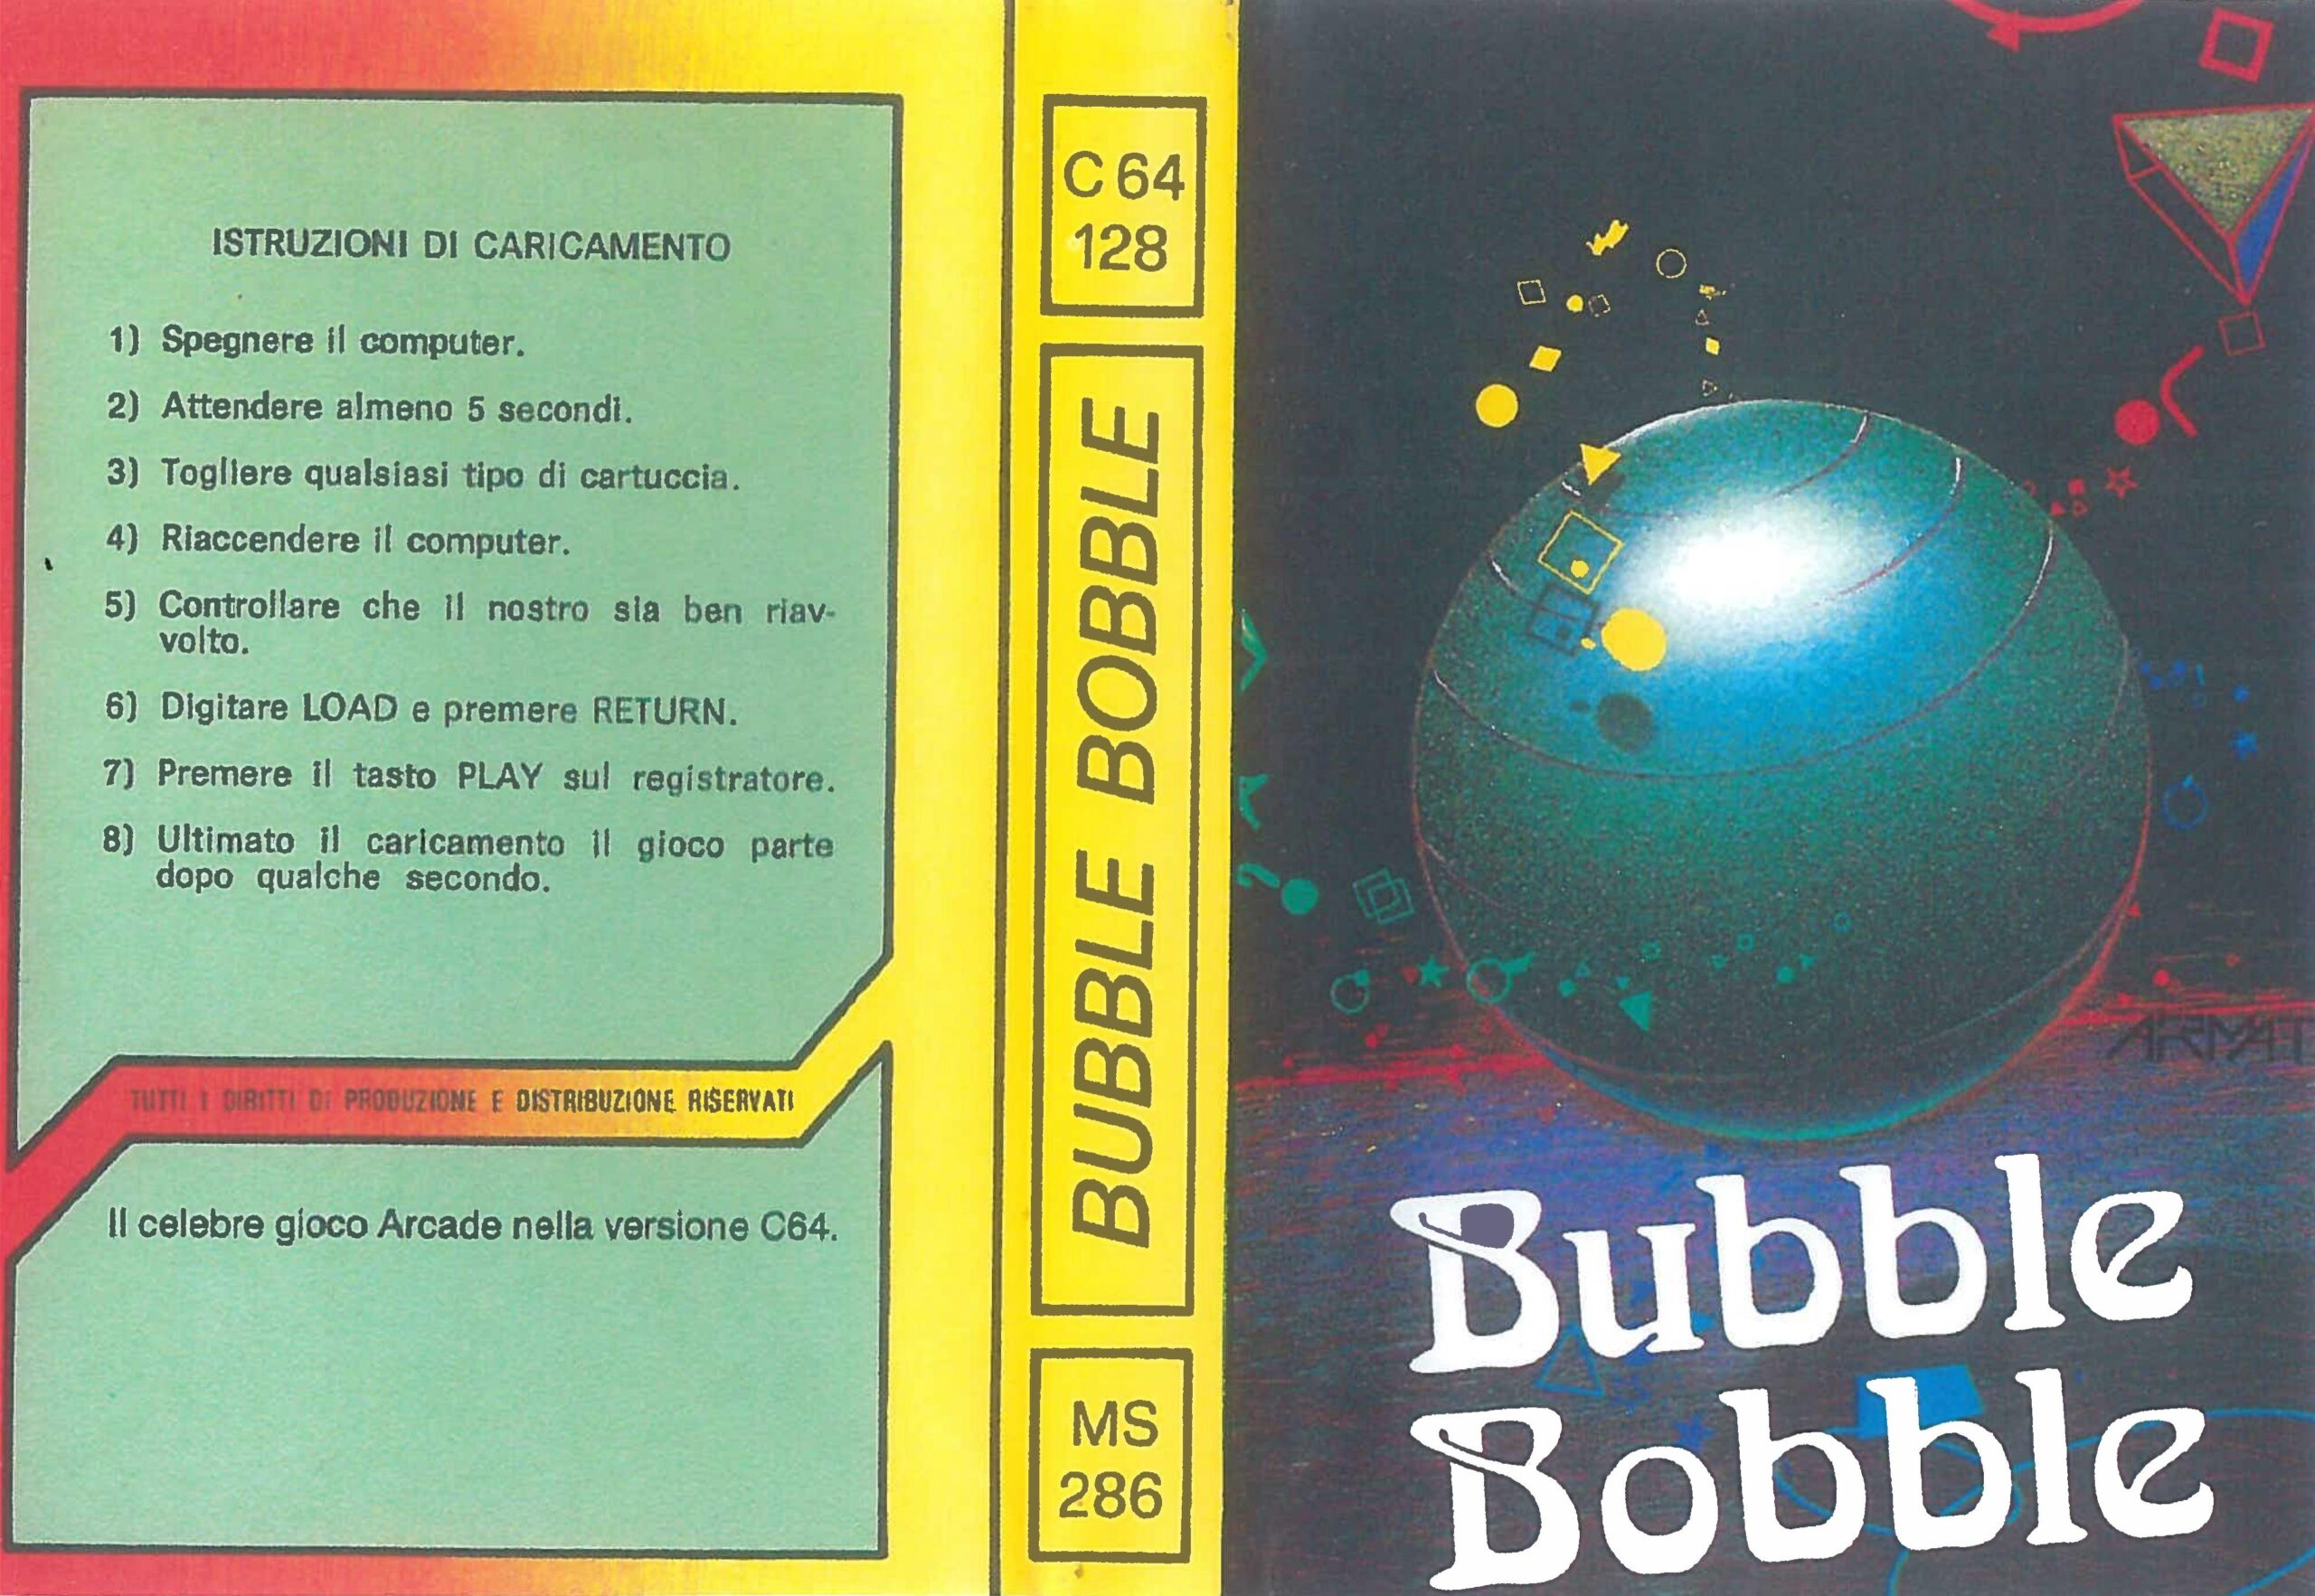 BUBBLE BOBBLE MS 288